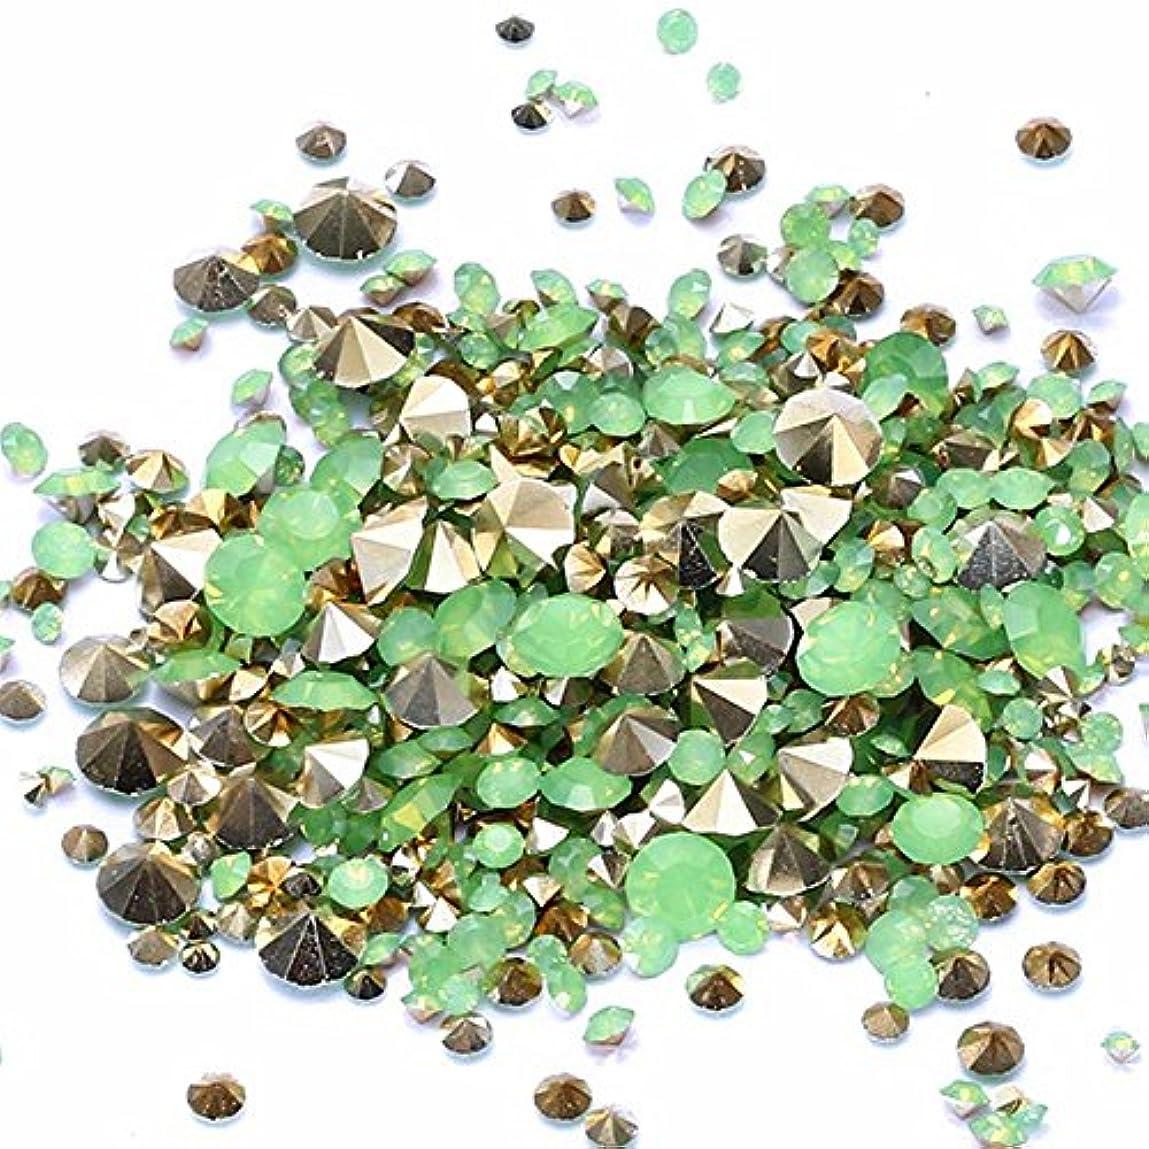 隣人決定的強いNiziジュエリー大きな袋混合サイズグリーンオパール樹脂ラインストーンは、ビーズの上に接着剤を指します宝石ダイヤモンドジュエリーDIYネイルアートウェディングドレスの装飾